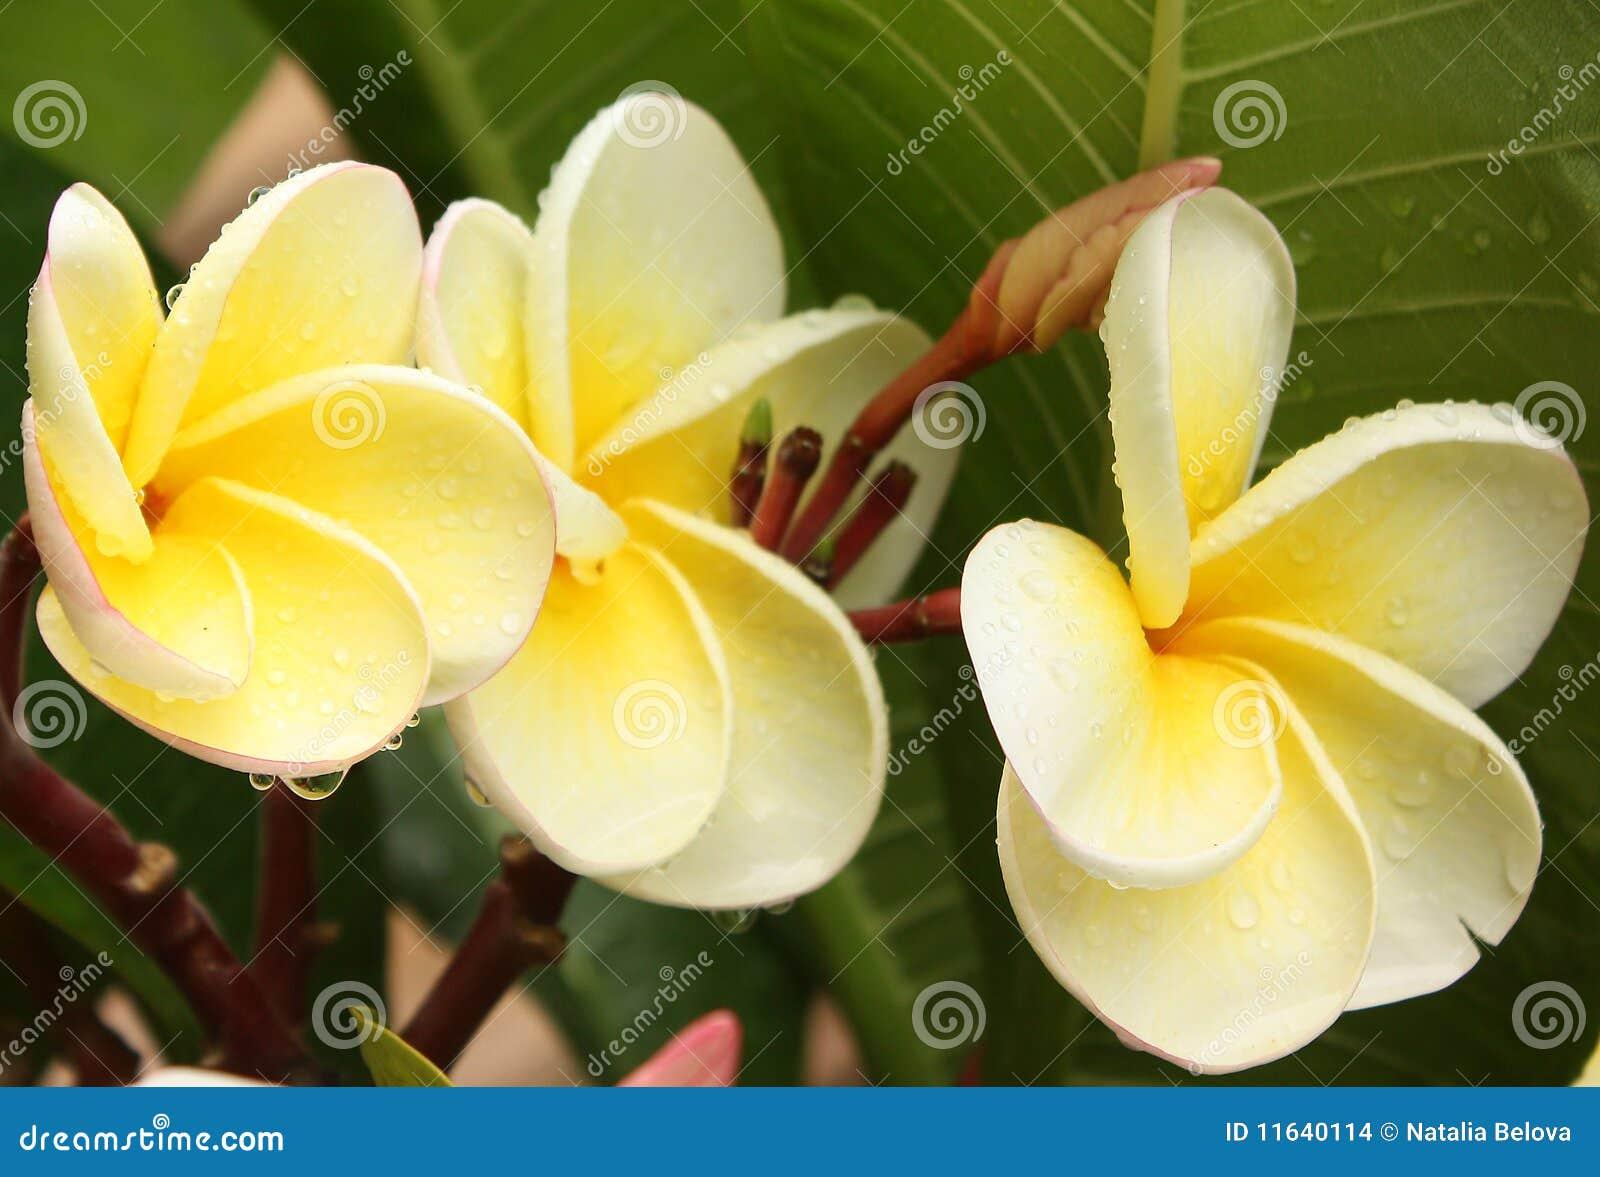 exotische bloemen met waterdalingen stock afbeeldingen. Black Bedroom Furniture Sets. Home Design Ideas